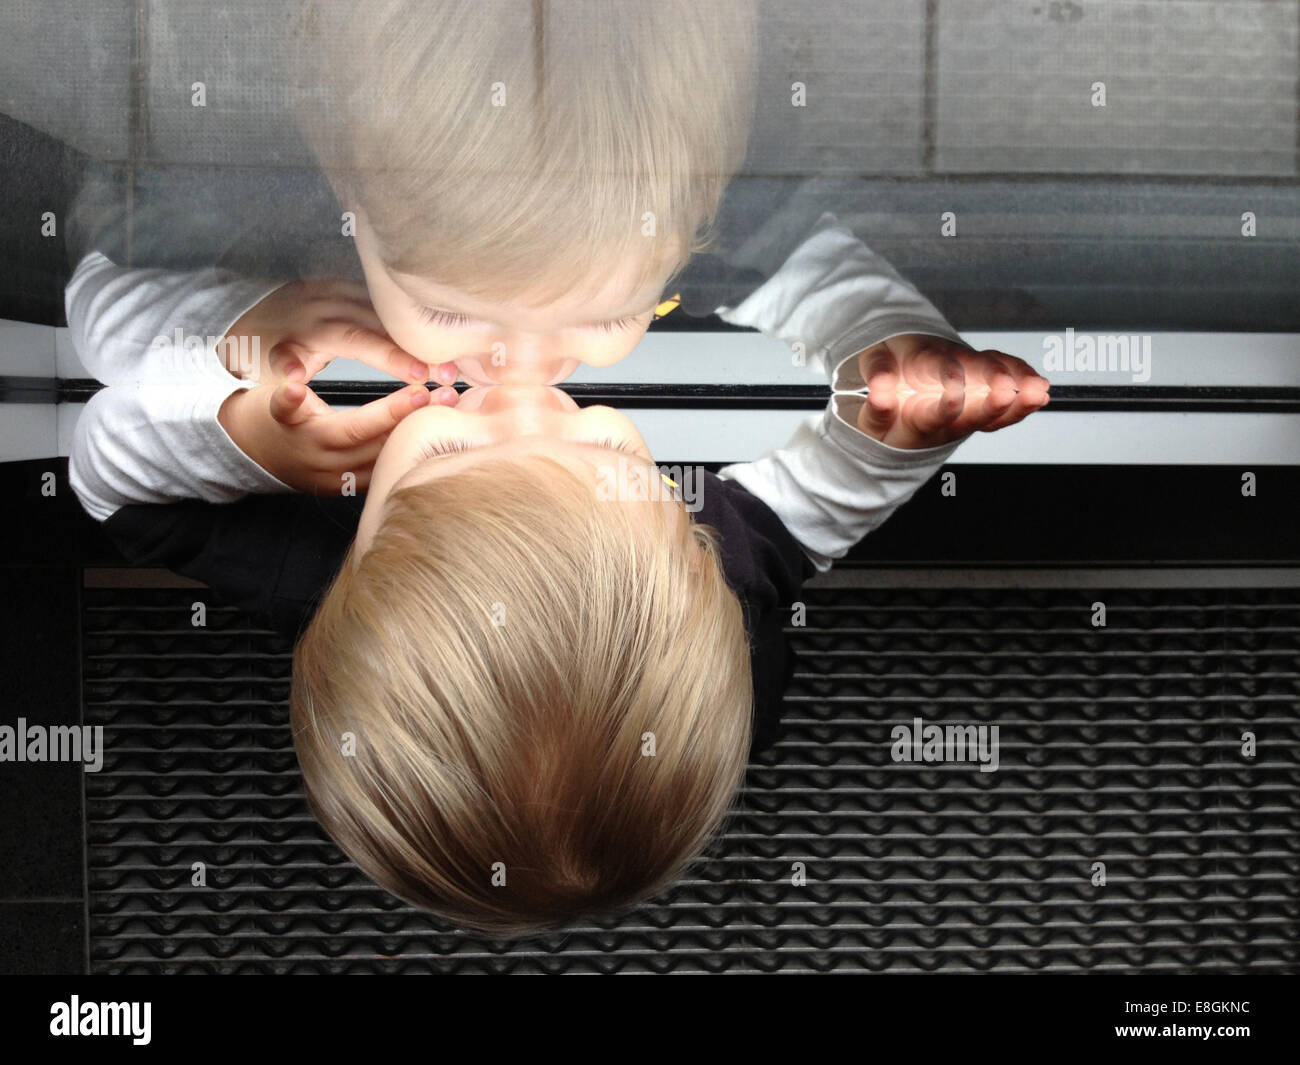 Stockholm, Schweden ein kleiner Junge, der Blick durch ein Fenster und sehen, sein eigenes Spiegelbild Stockbild